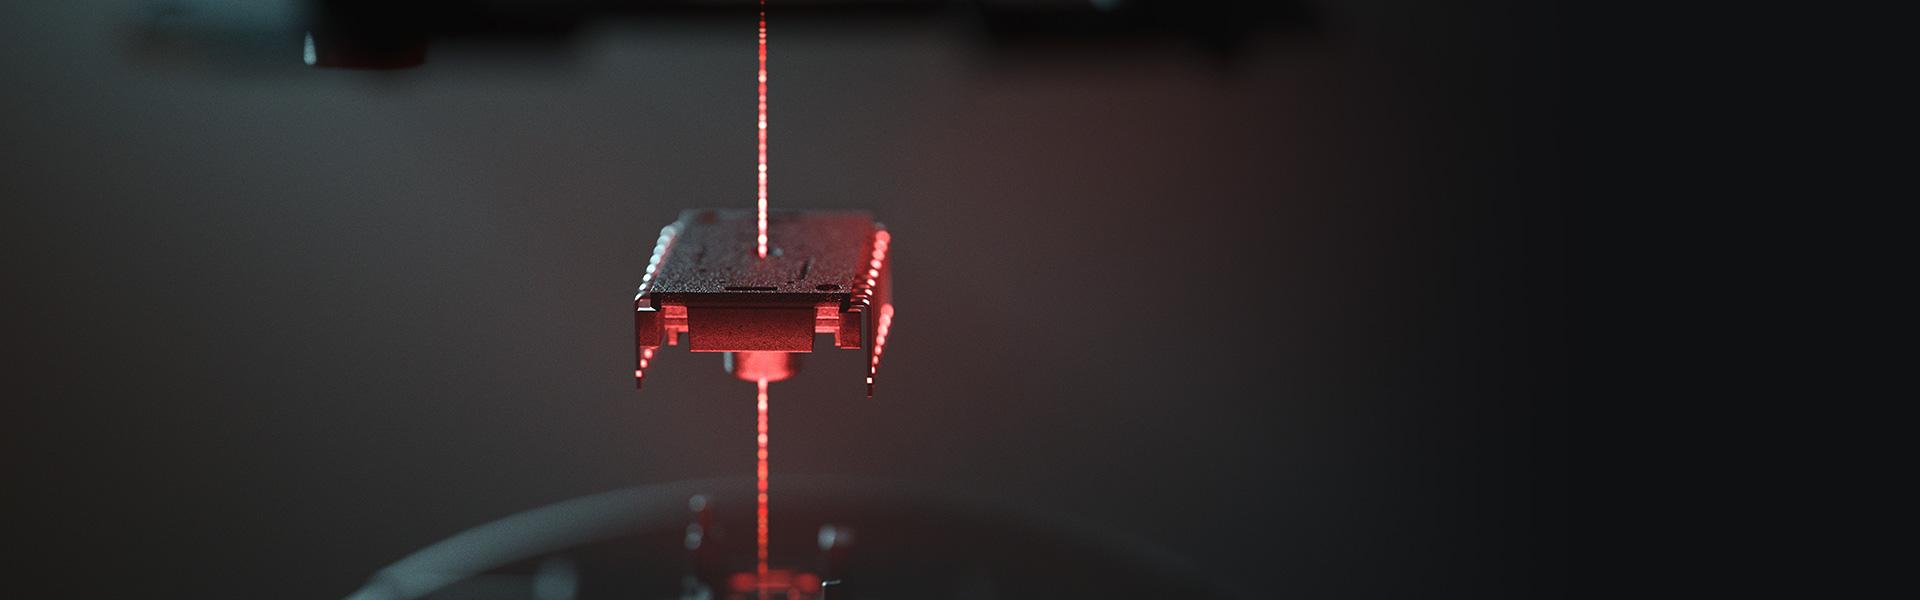 Chuột không dây Razer Naga Pro Wireless (USB/RGB) (RZ01-03420100-R3A1) trang bị mắt cảm biến Focus+ cao cấp